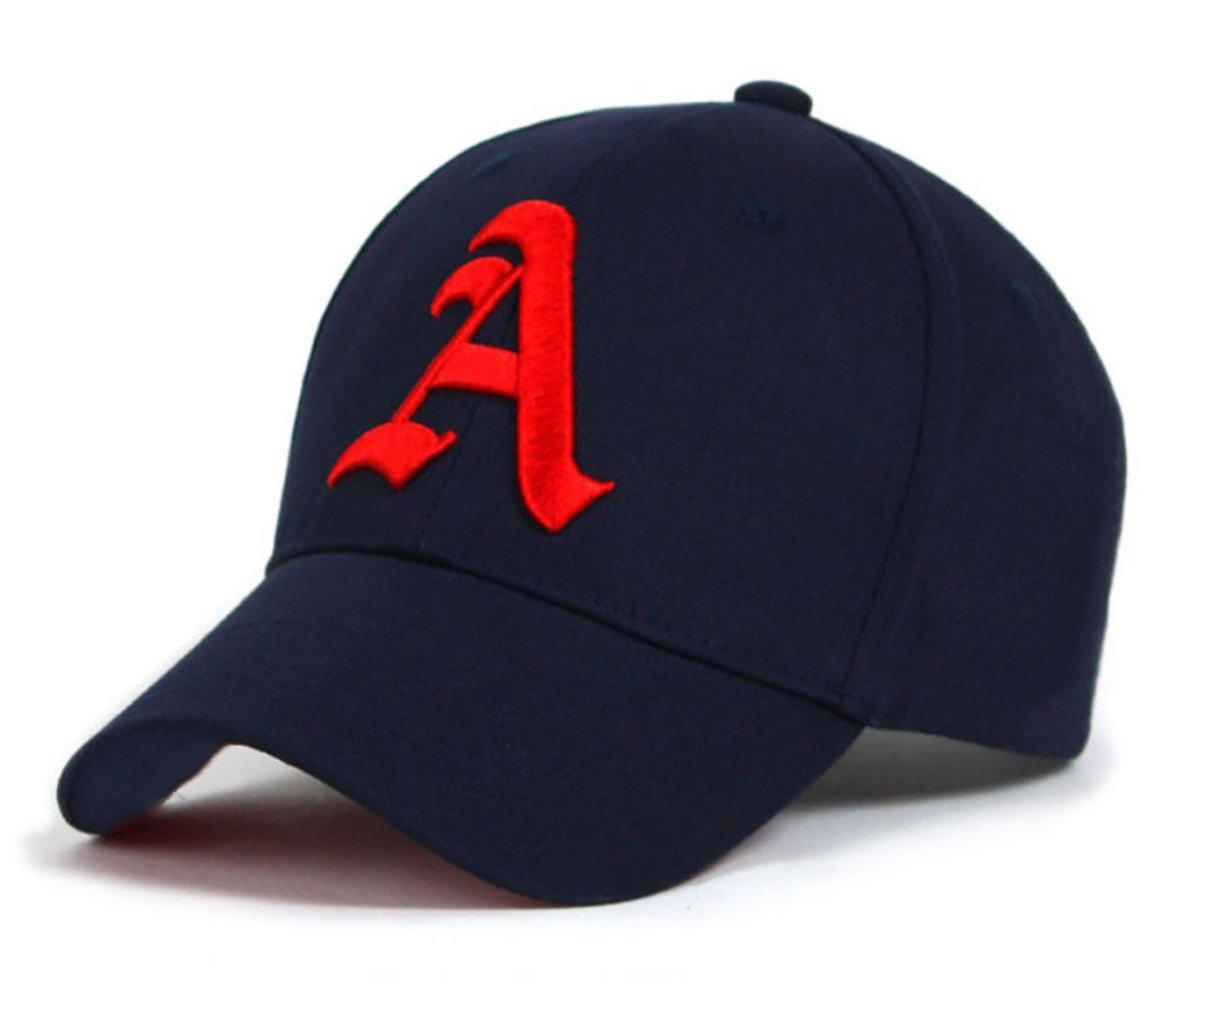 Childrens sombrero gorra infantil niño Niña ajustable Gorra de ... c6a74e6bbd0